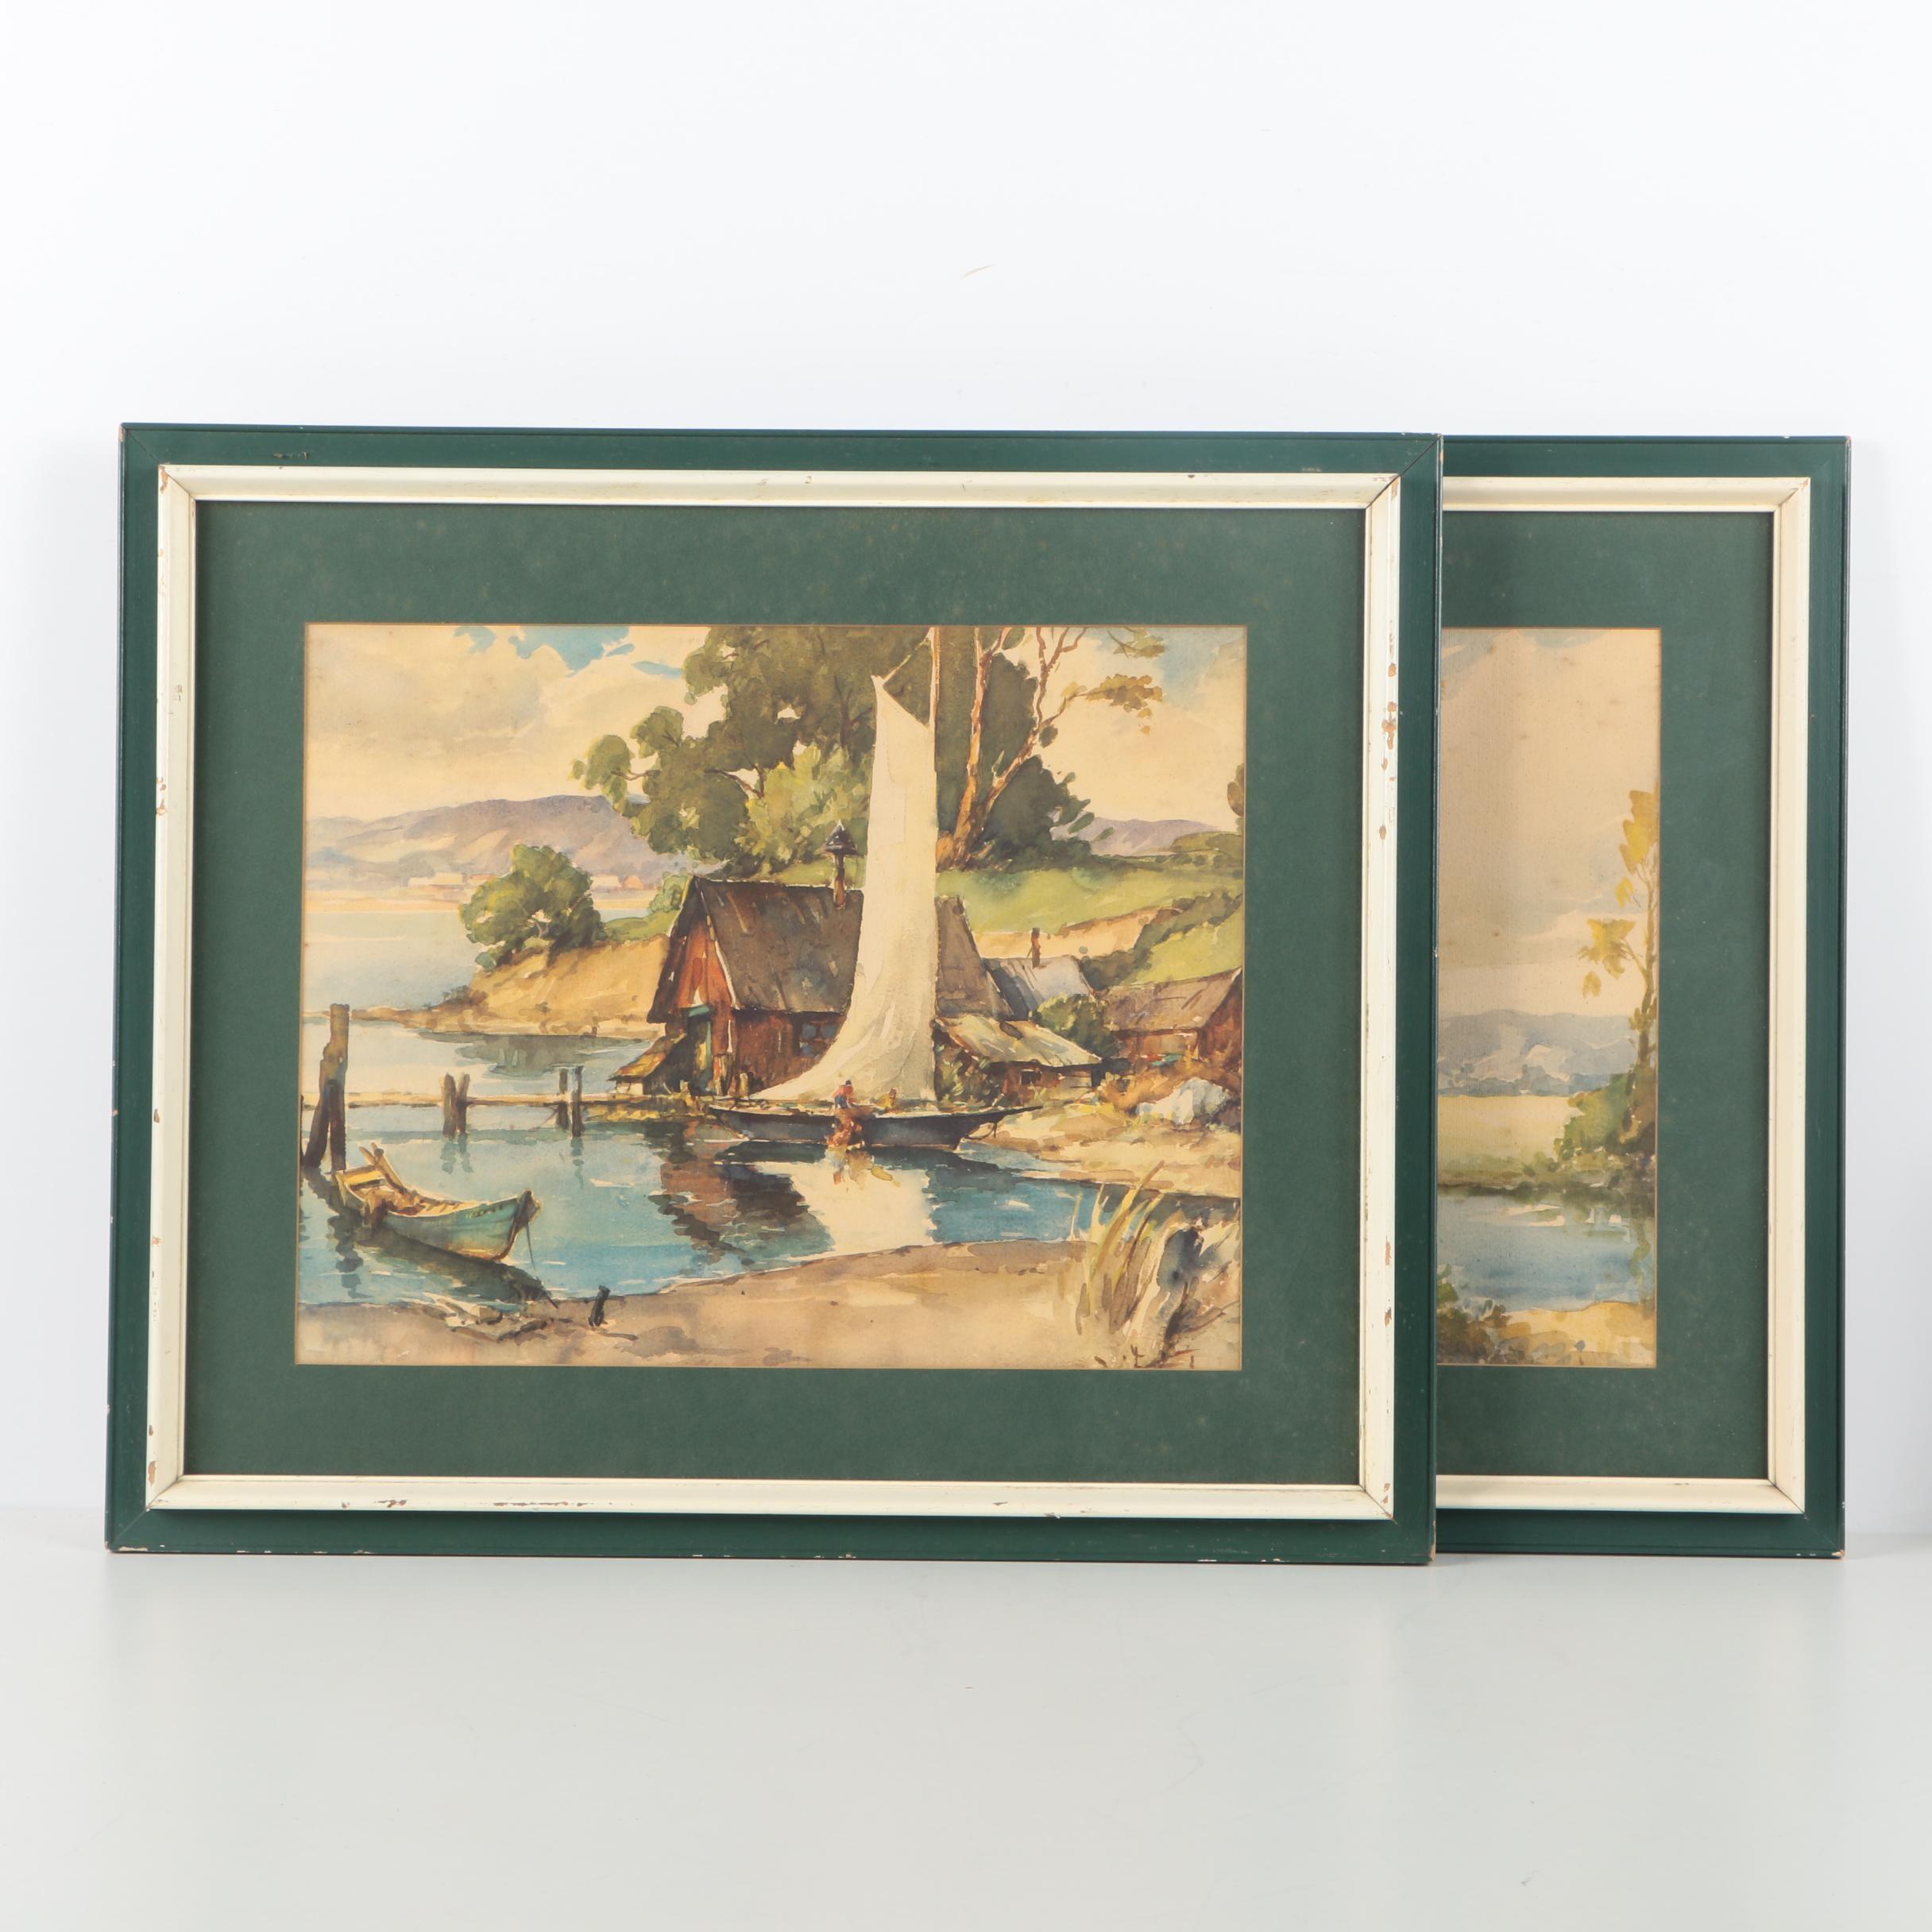 After Davis F. Schwartz Offset Lithographs of Landscapes